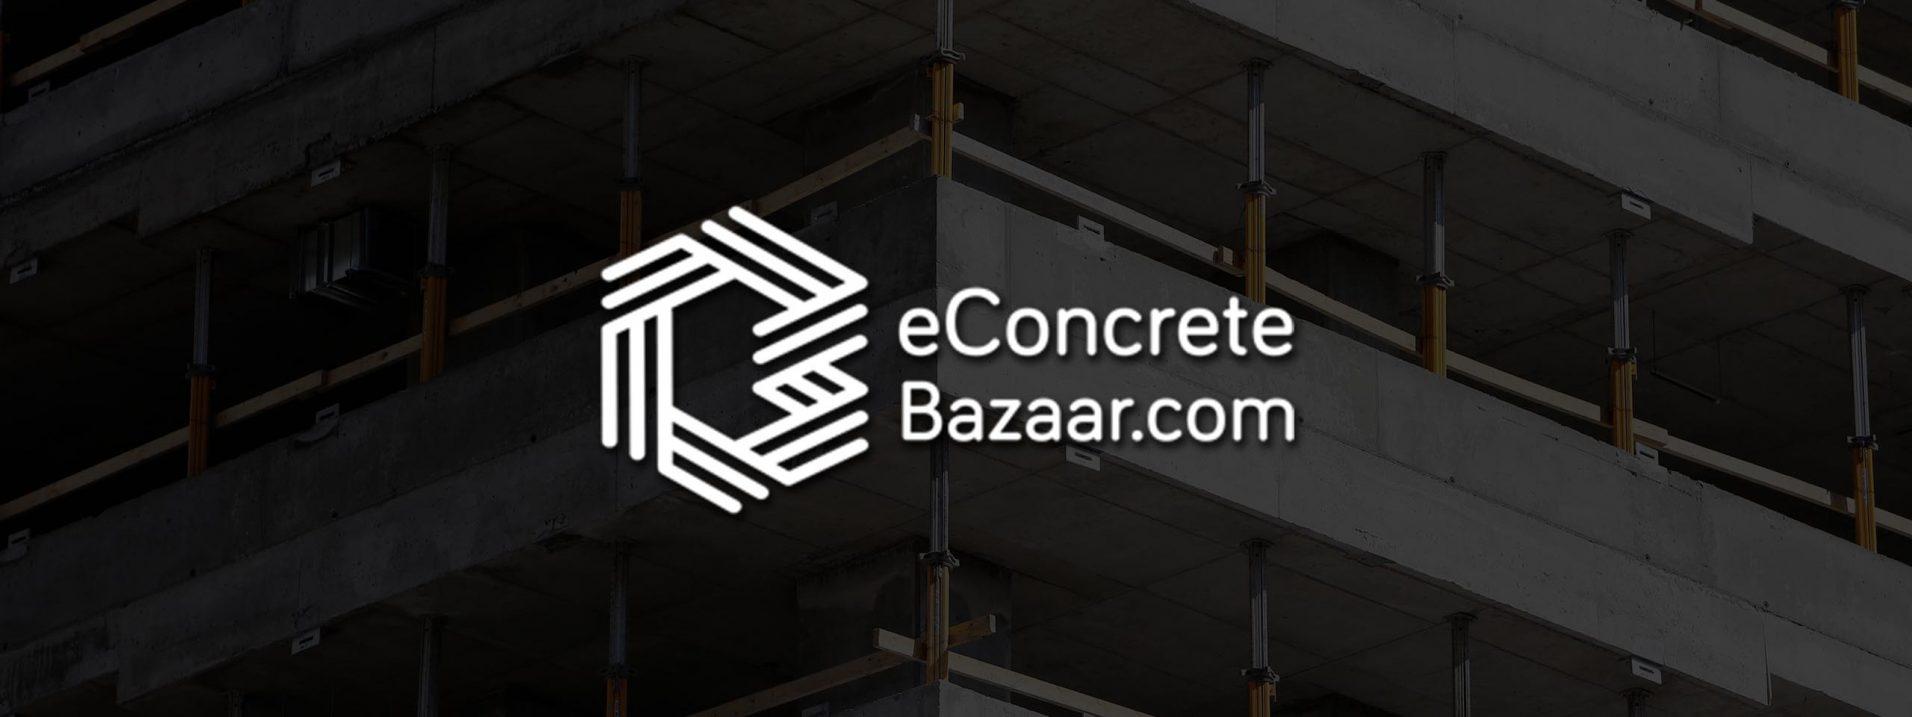 econcrete bazaar startup website